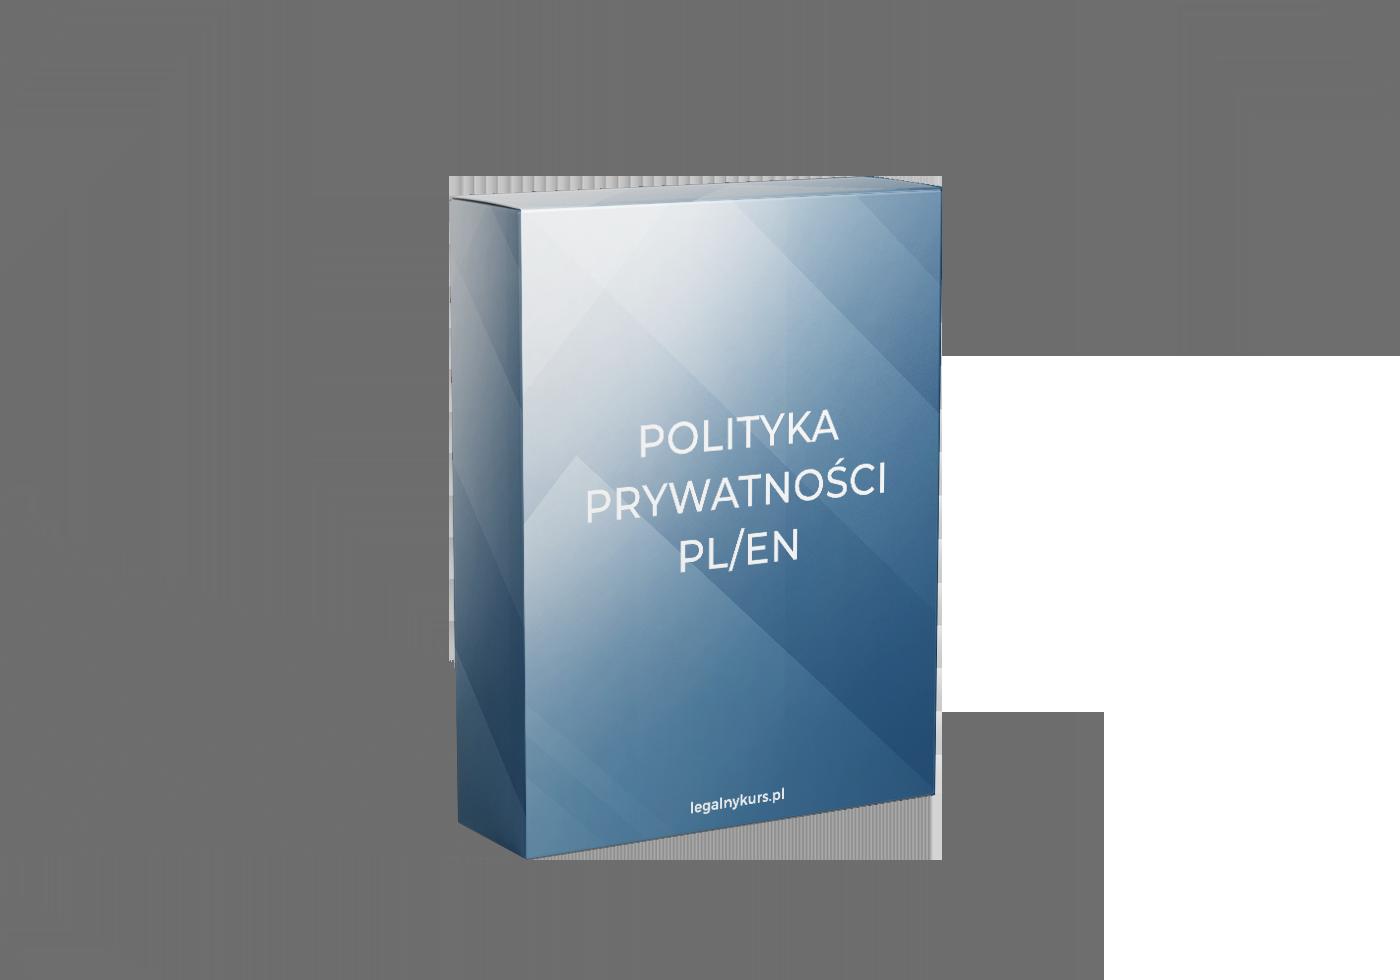 polityka pl-en